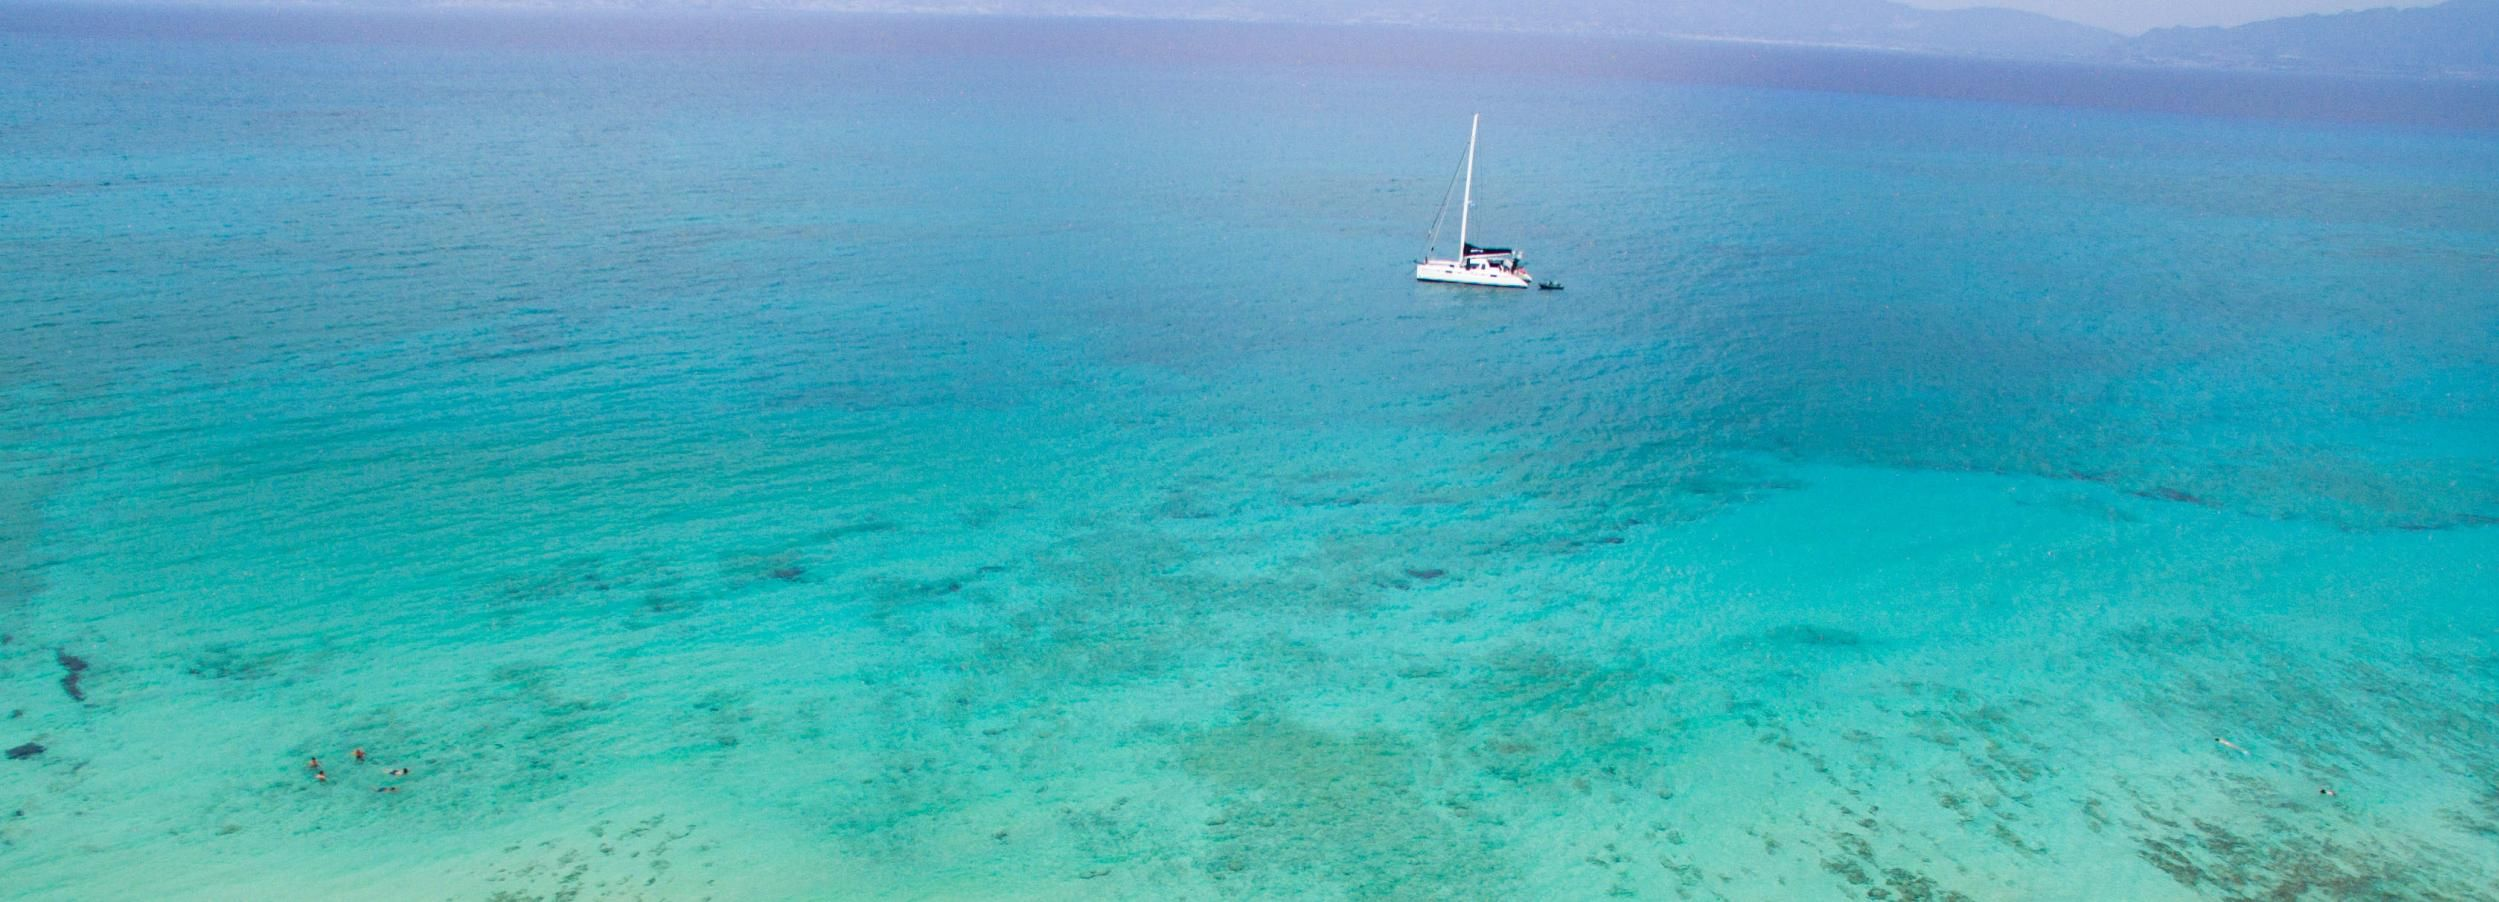 Yerápetra: crucero a la isla Khrysí